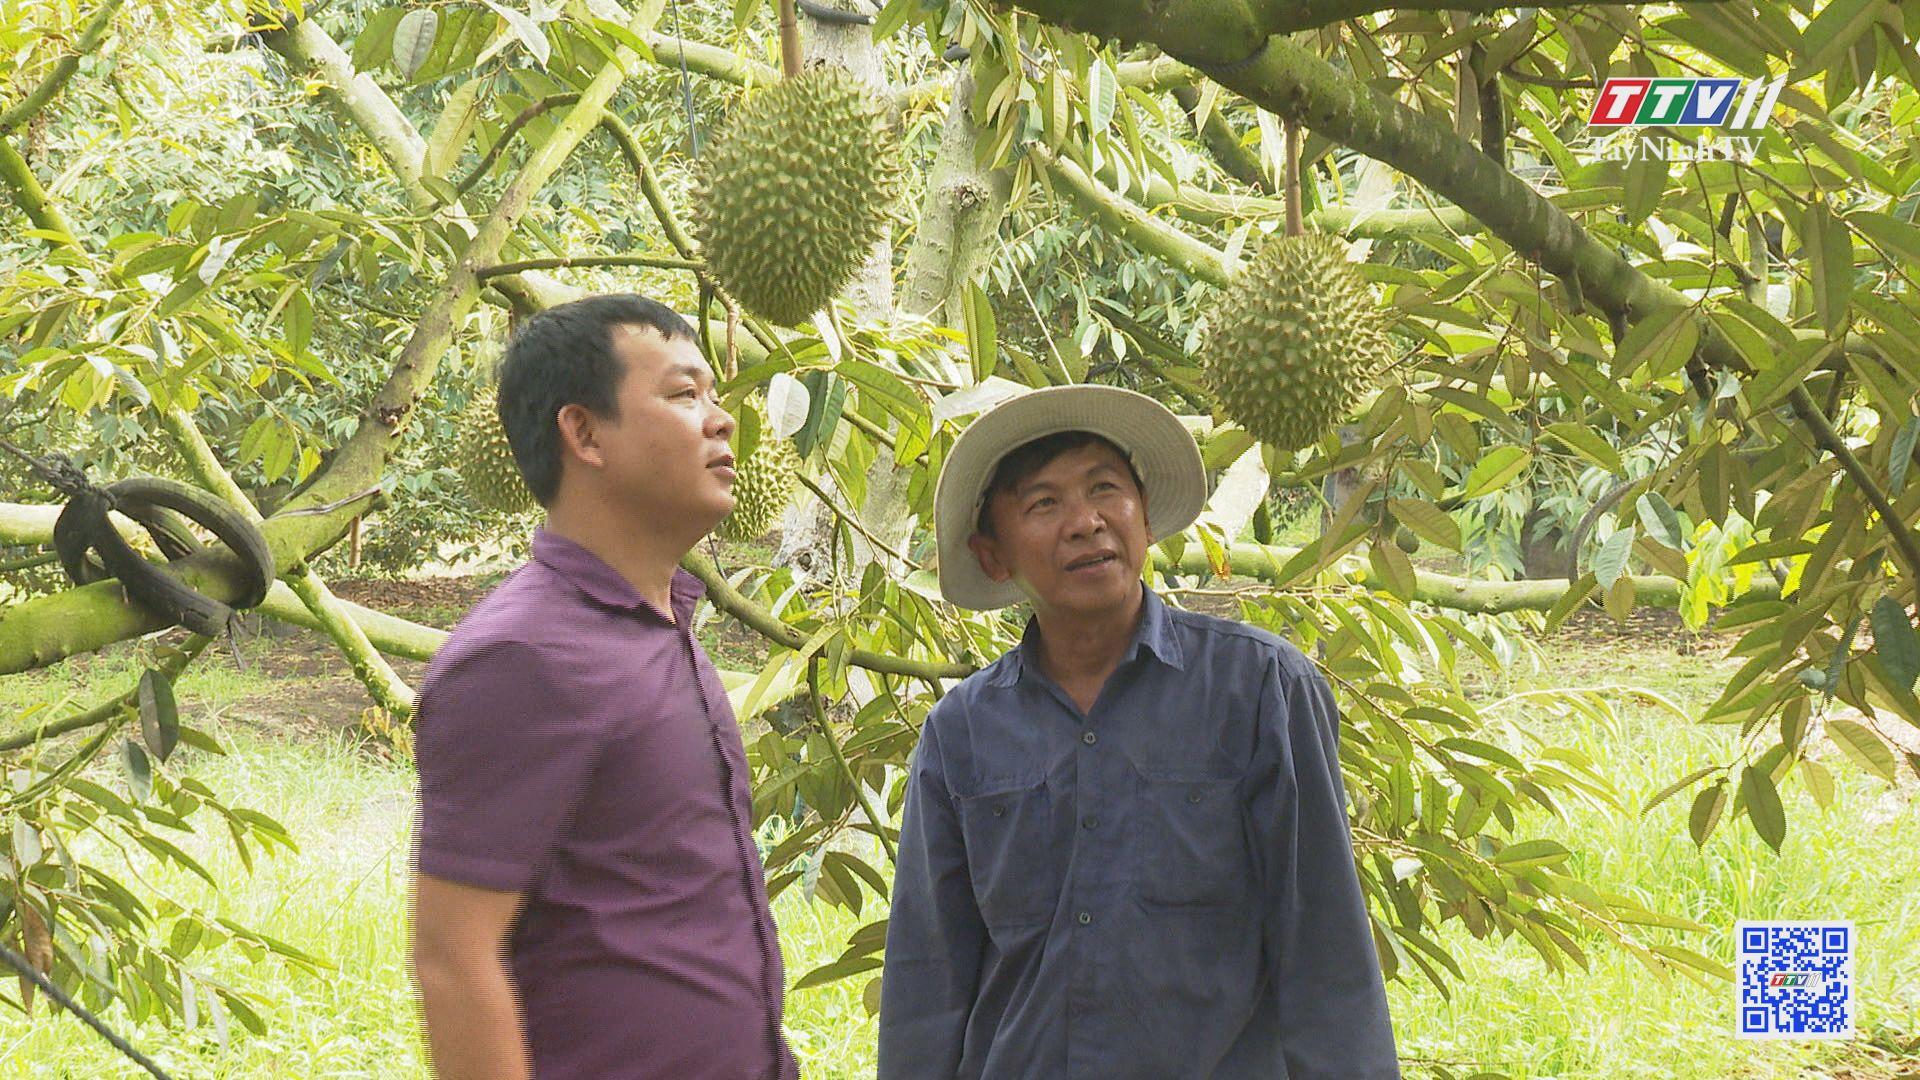 Chuyển đổi cây trồng thúc đẩy kinh tế nông thôn phát triển | TÂY NINH XÂY DỰNG NÔNG THÔN MỚI | TayNinhTV